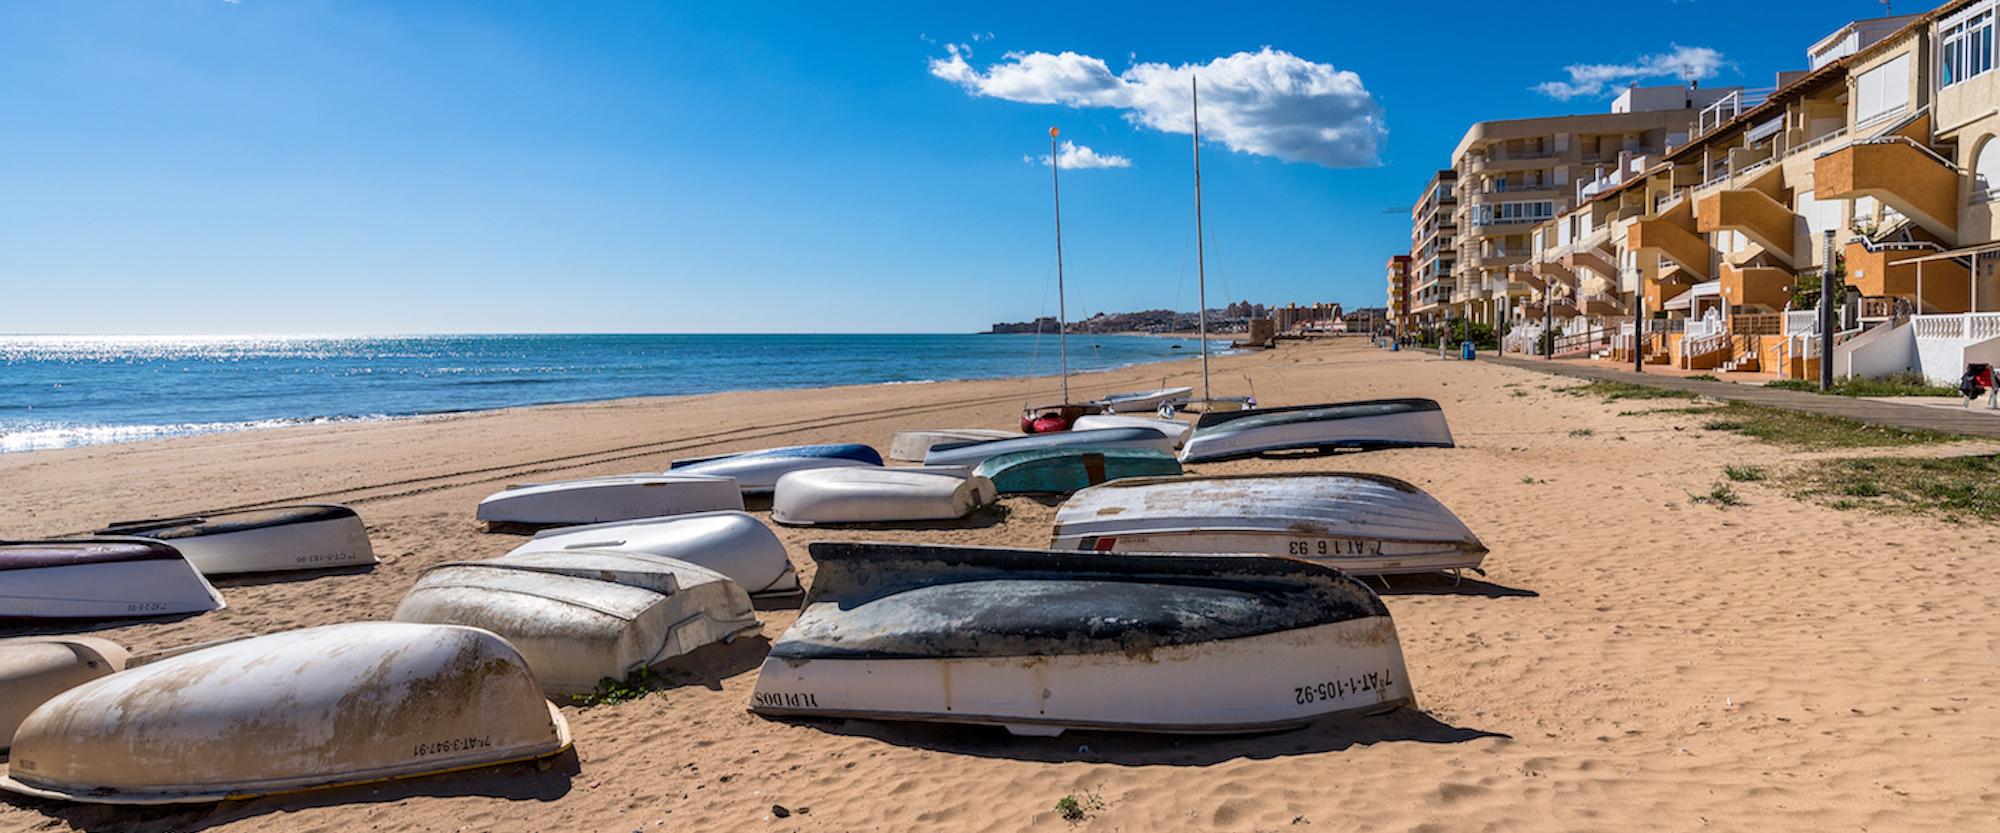 EXPAT SPAIN SERVICES 10